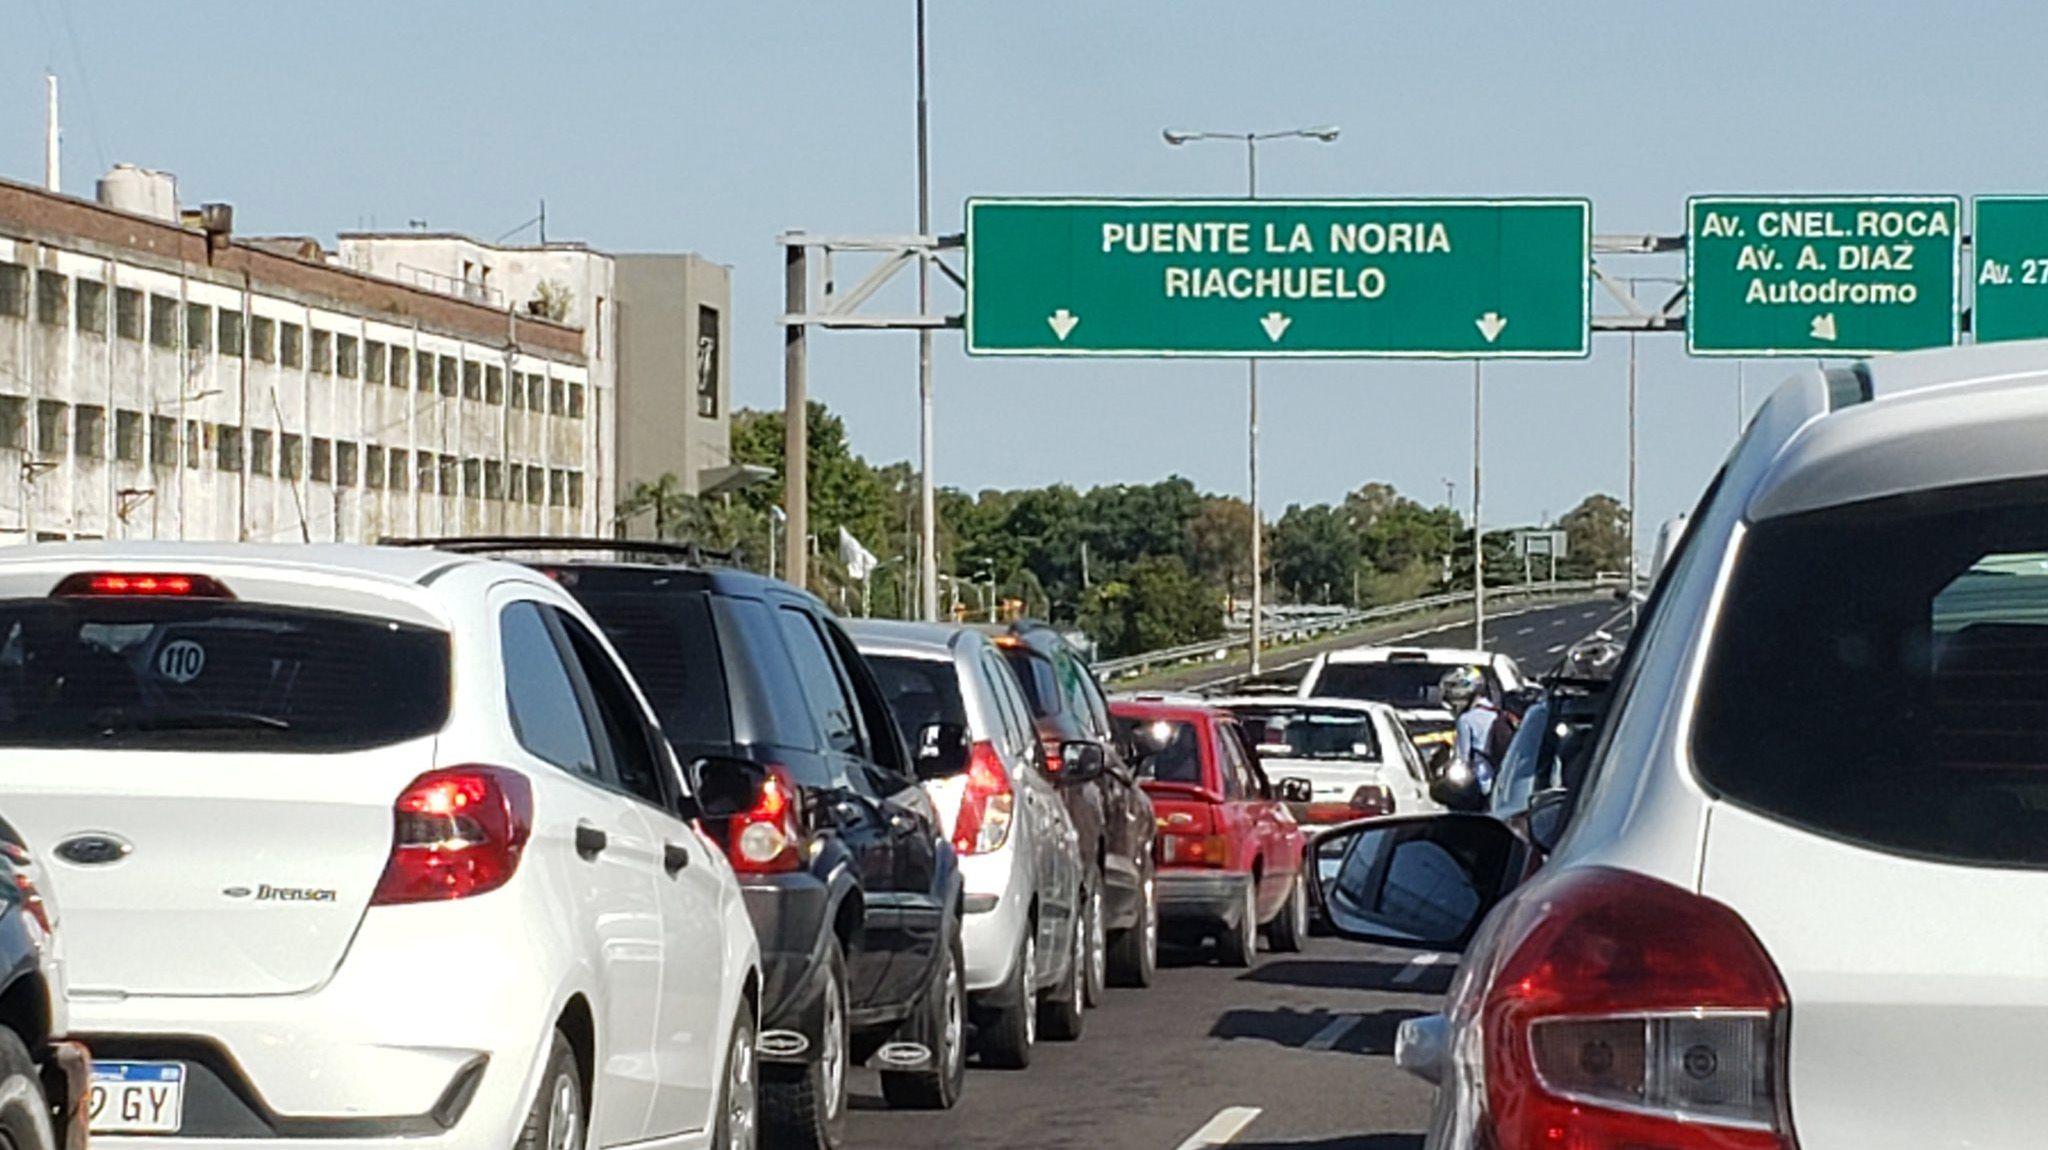 Corte en el Puente La Noria por manifestación